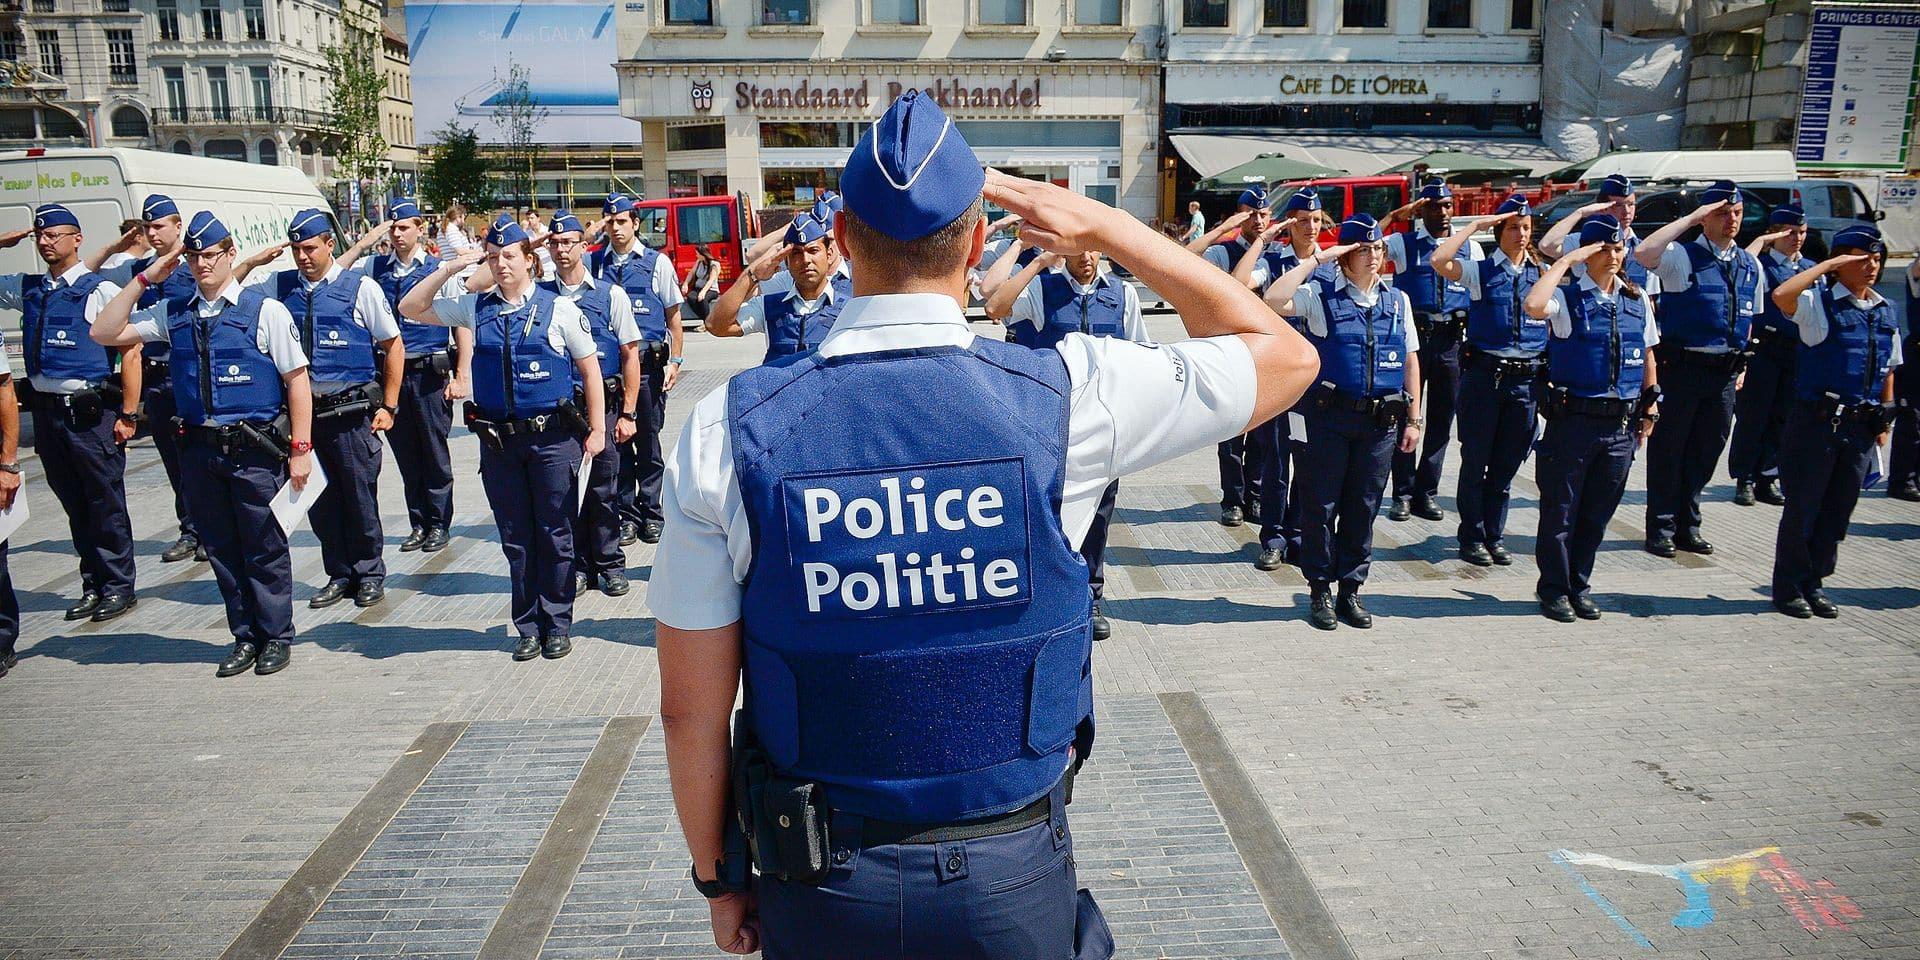 60 aspirants policiers à l'assaut des incivilités. Première opération sur le terrain pour les élèves policiers. Objectif : les sensibiliser à la propreté.Uniforme impeccable et même gilet pare-balles, 60 jeunes recrues, étudiants à l'Erip (pour École Régionale et Intercommunale de Police) sont au garde à vous sur la place de la Monnaie. Dans quelques instants, ils sillonneront, par groupes de quatre, accompagnés d'un inspecteur de la zone Bruxelles-Ixelles et d'un agent des services de la Propreté, les rues du centre-ville pour un premier exercice sur le terrain.